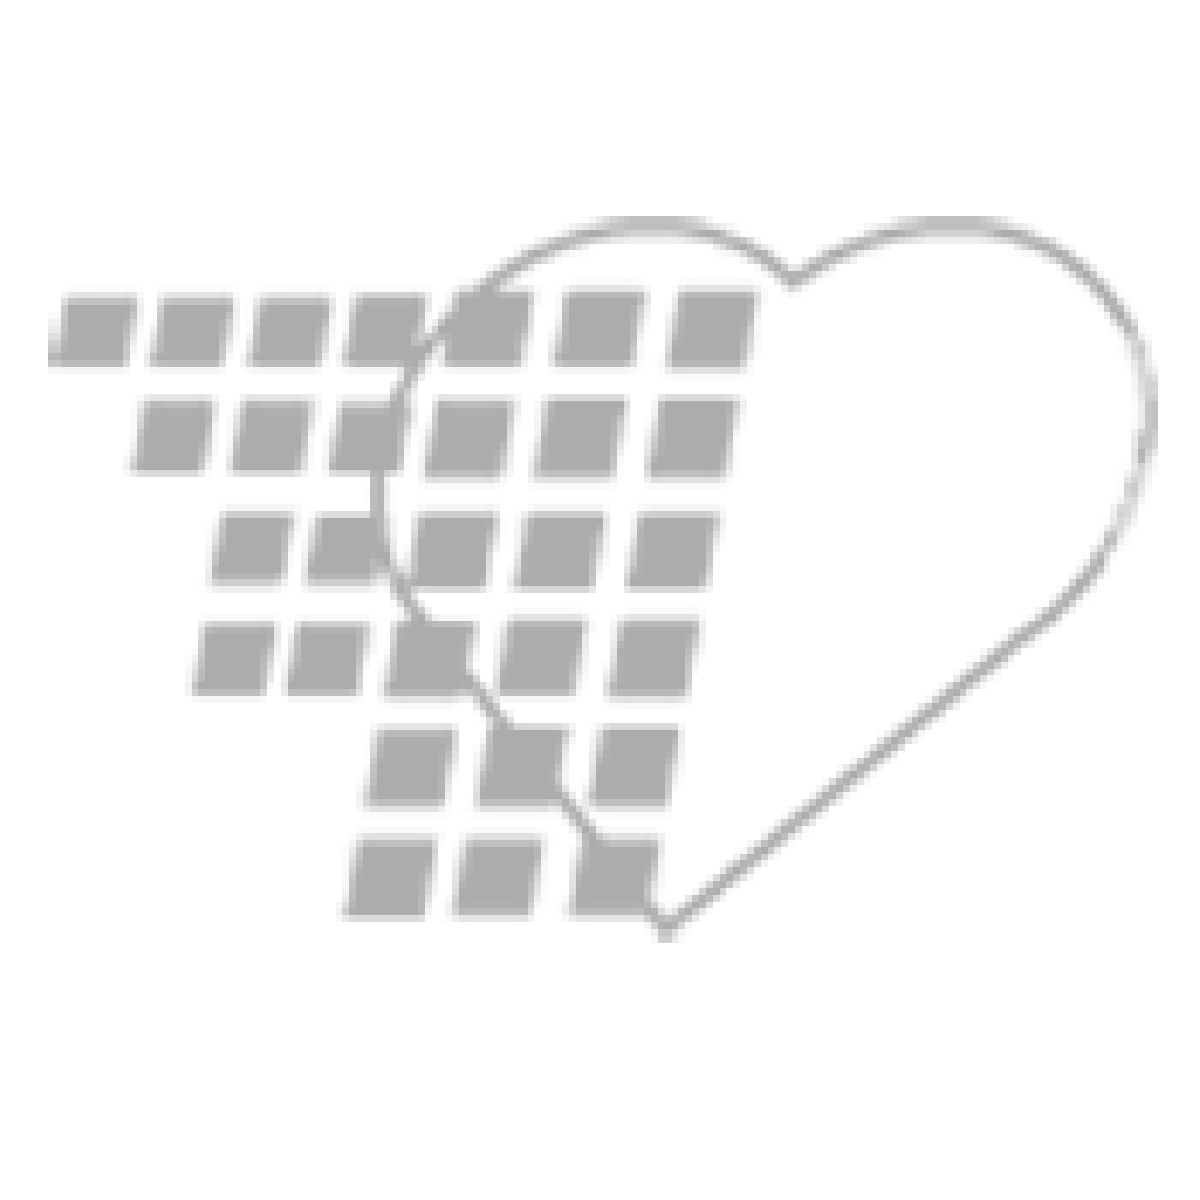 06-31-5631 Dobutrex/High Alert Piggyback Labels